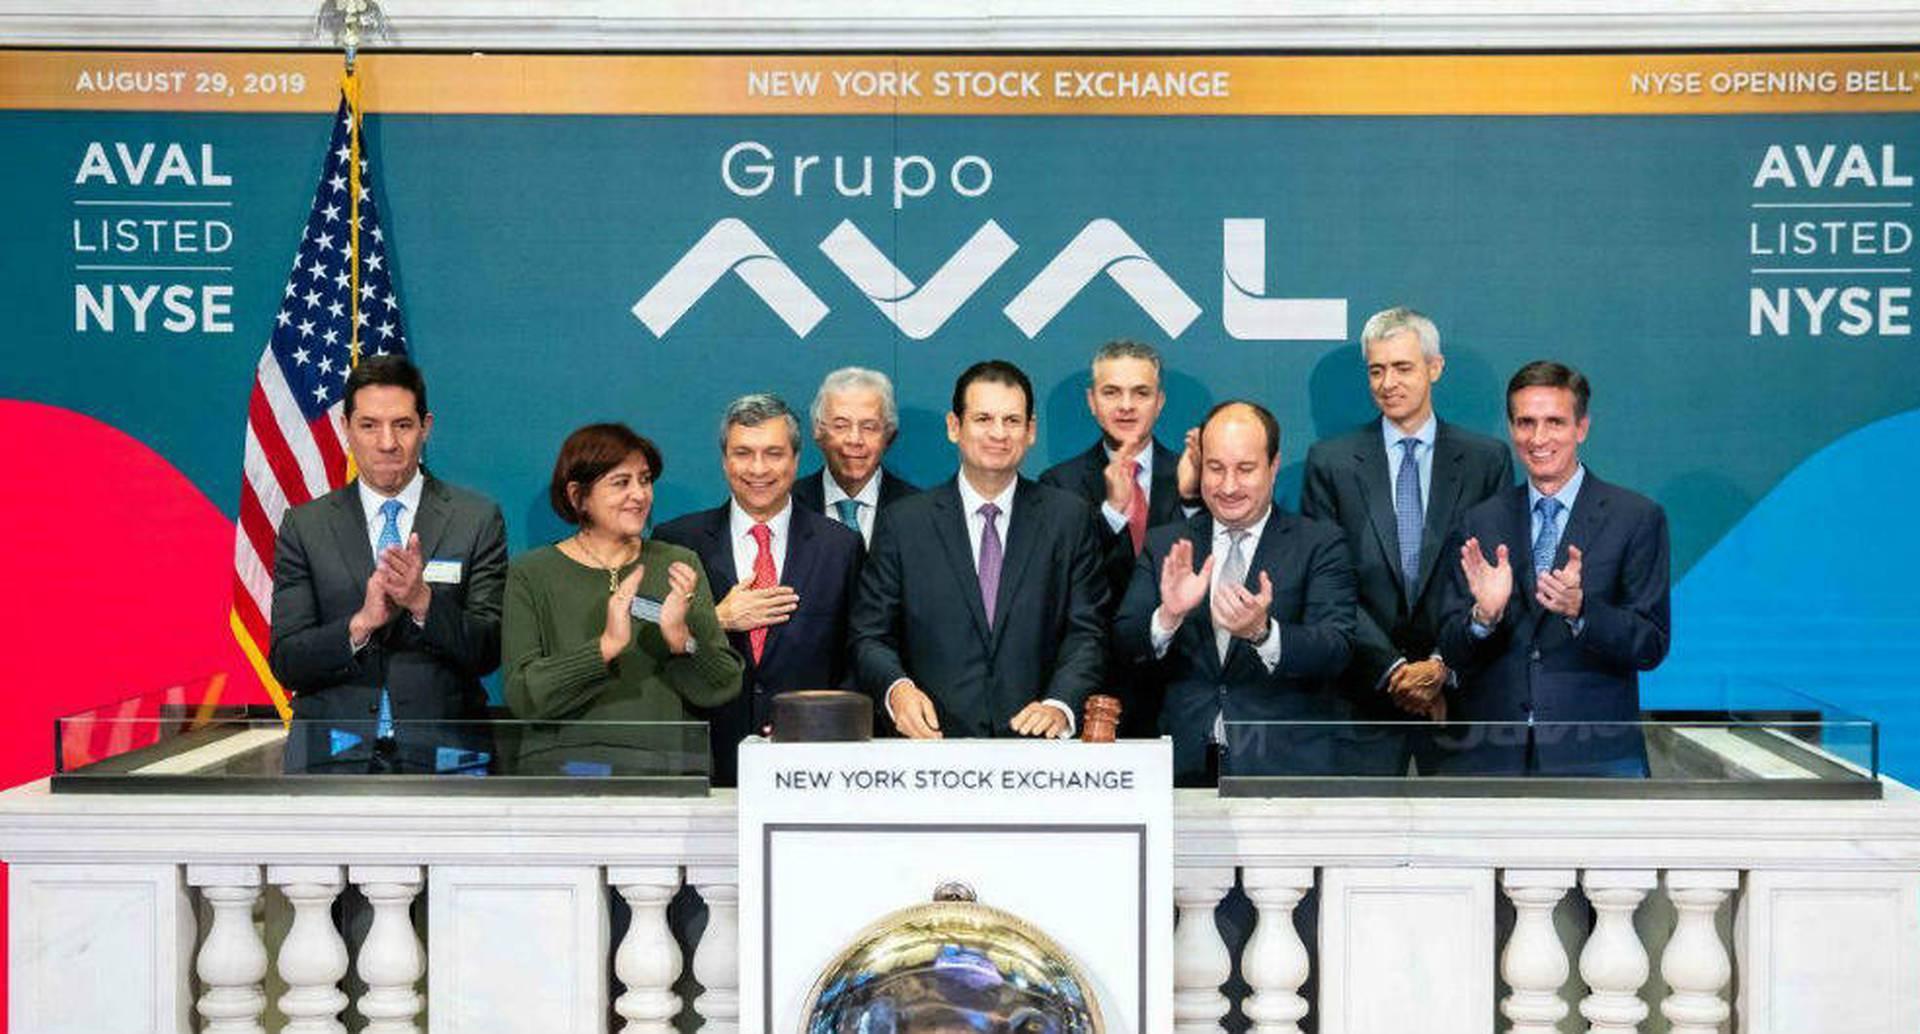 Luis Carlos Sarmiento Gutiérrez, presidente de Grupo Aval (centro) dio el toque de campana en la apertura de la Bolsa de Valores de NY. (Suministrada)